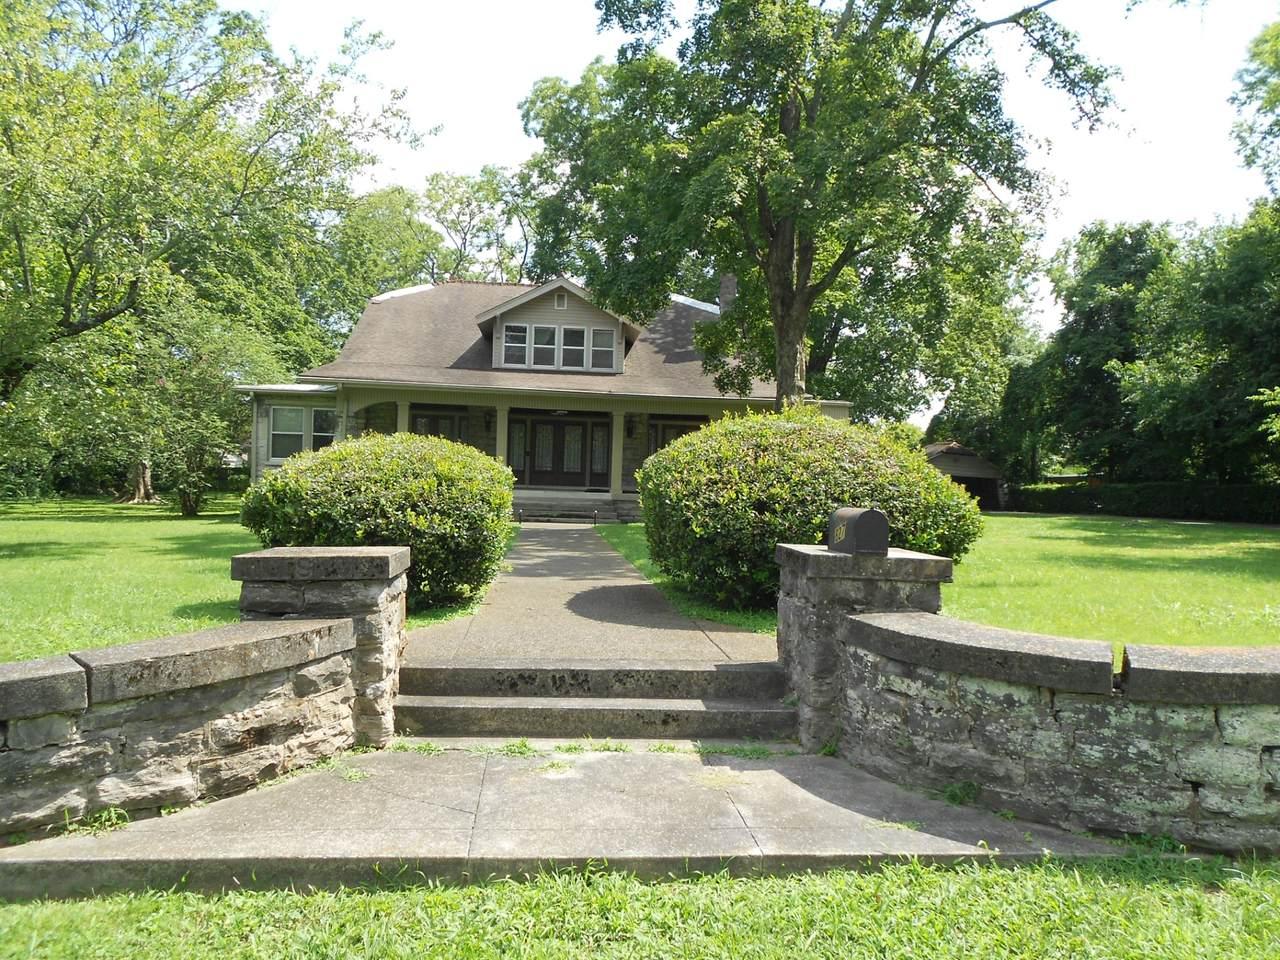 827 Kirkwood Ave - Photo 1